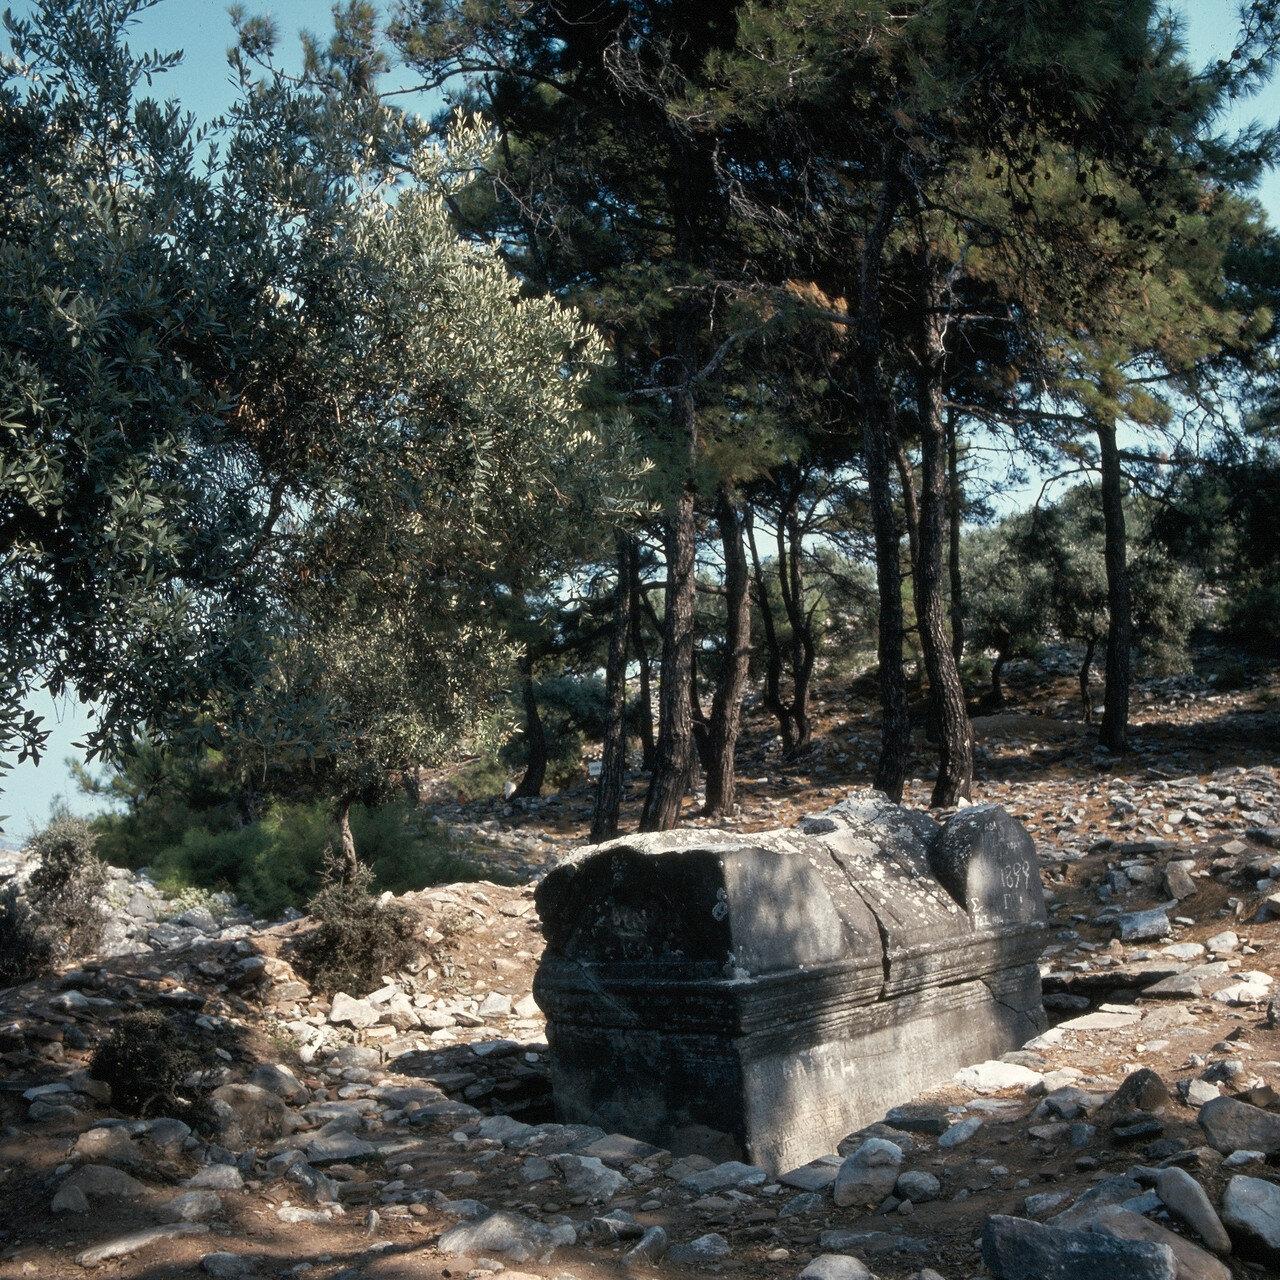 Тасос, Алики. Античный саркофаг в святилище на мраморном карьере